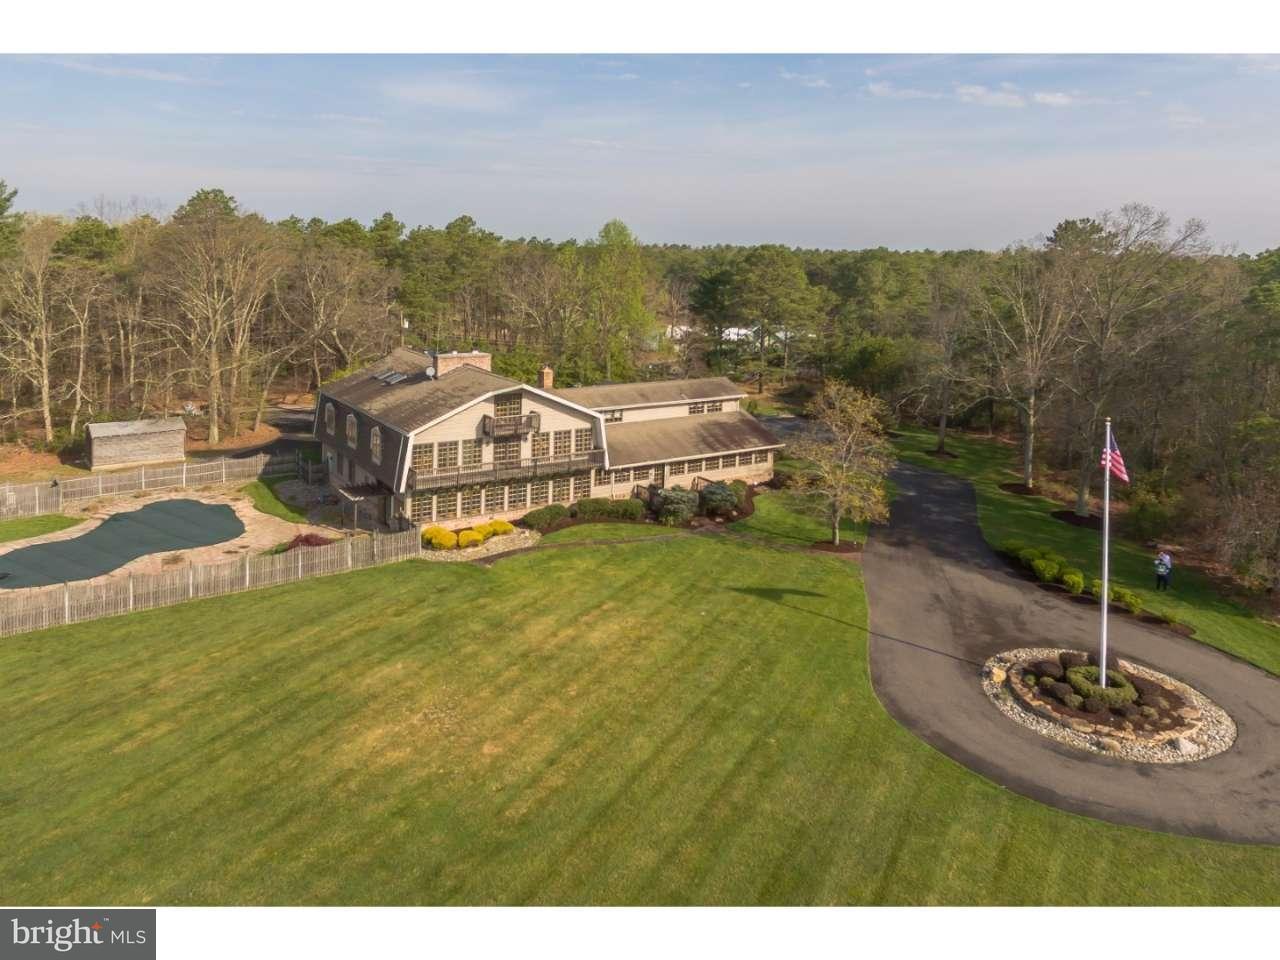 Частный односемейный дом для того Продажа на 46 GOOSE POND Road Tabernacle, Нью-Джерси 08088 Соединенные Штаты